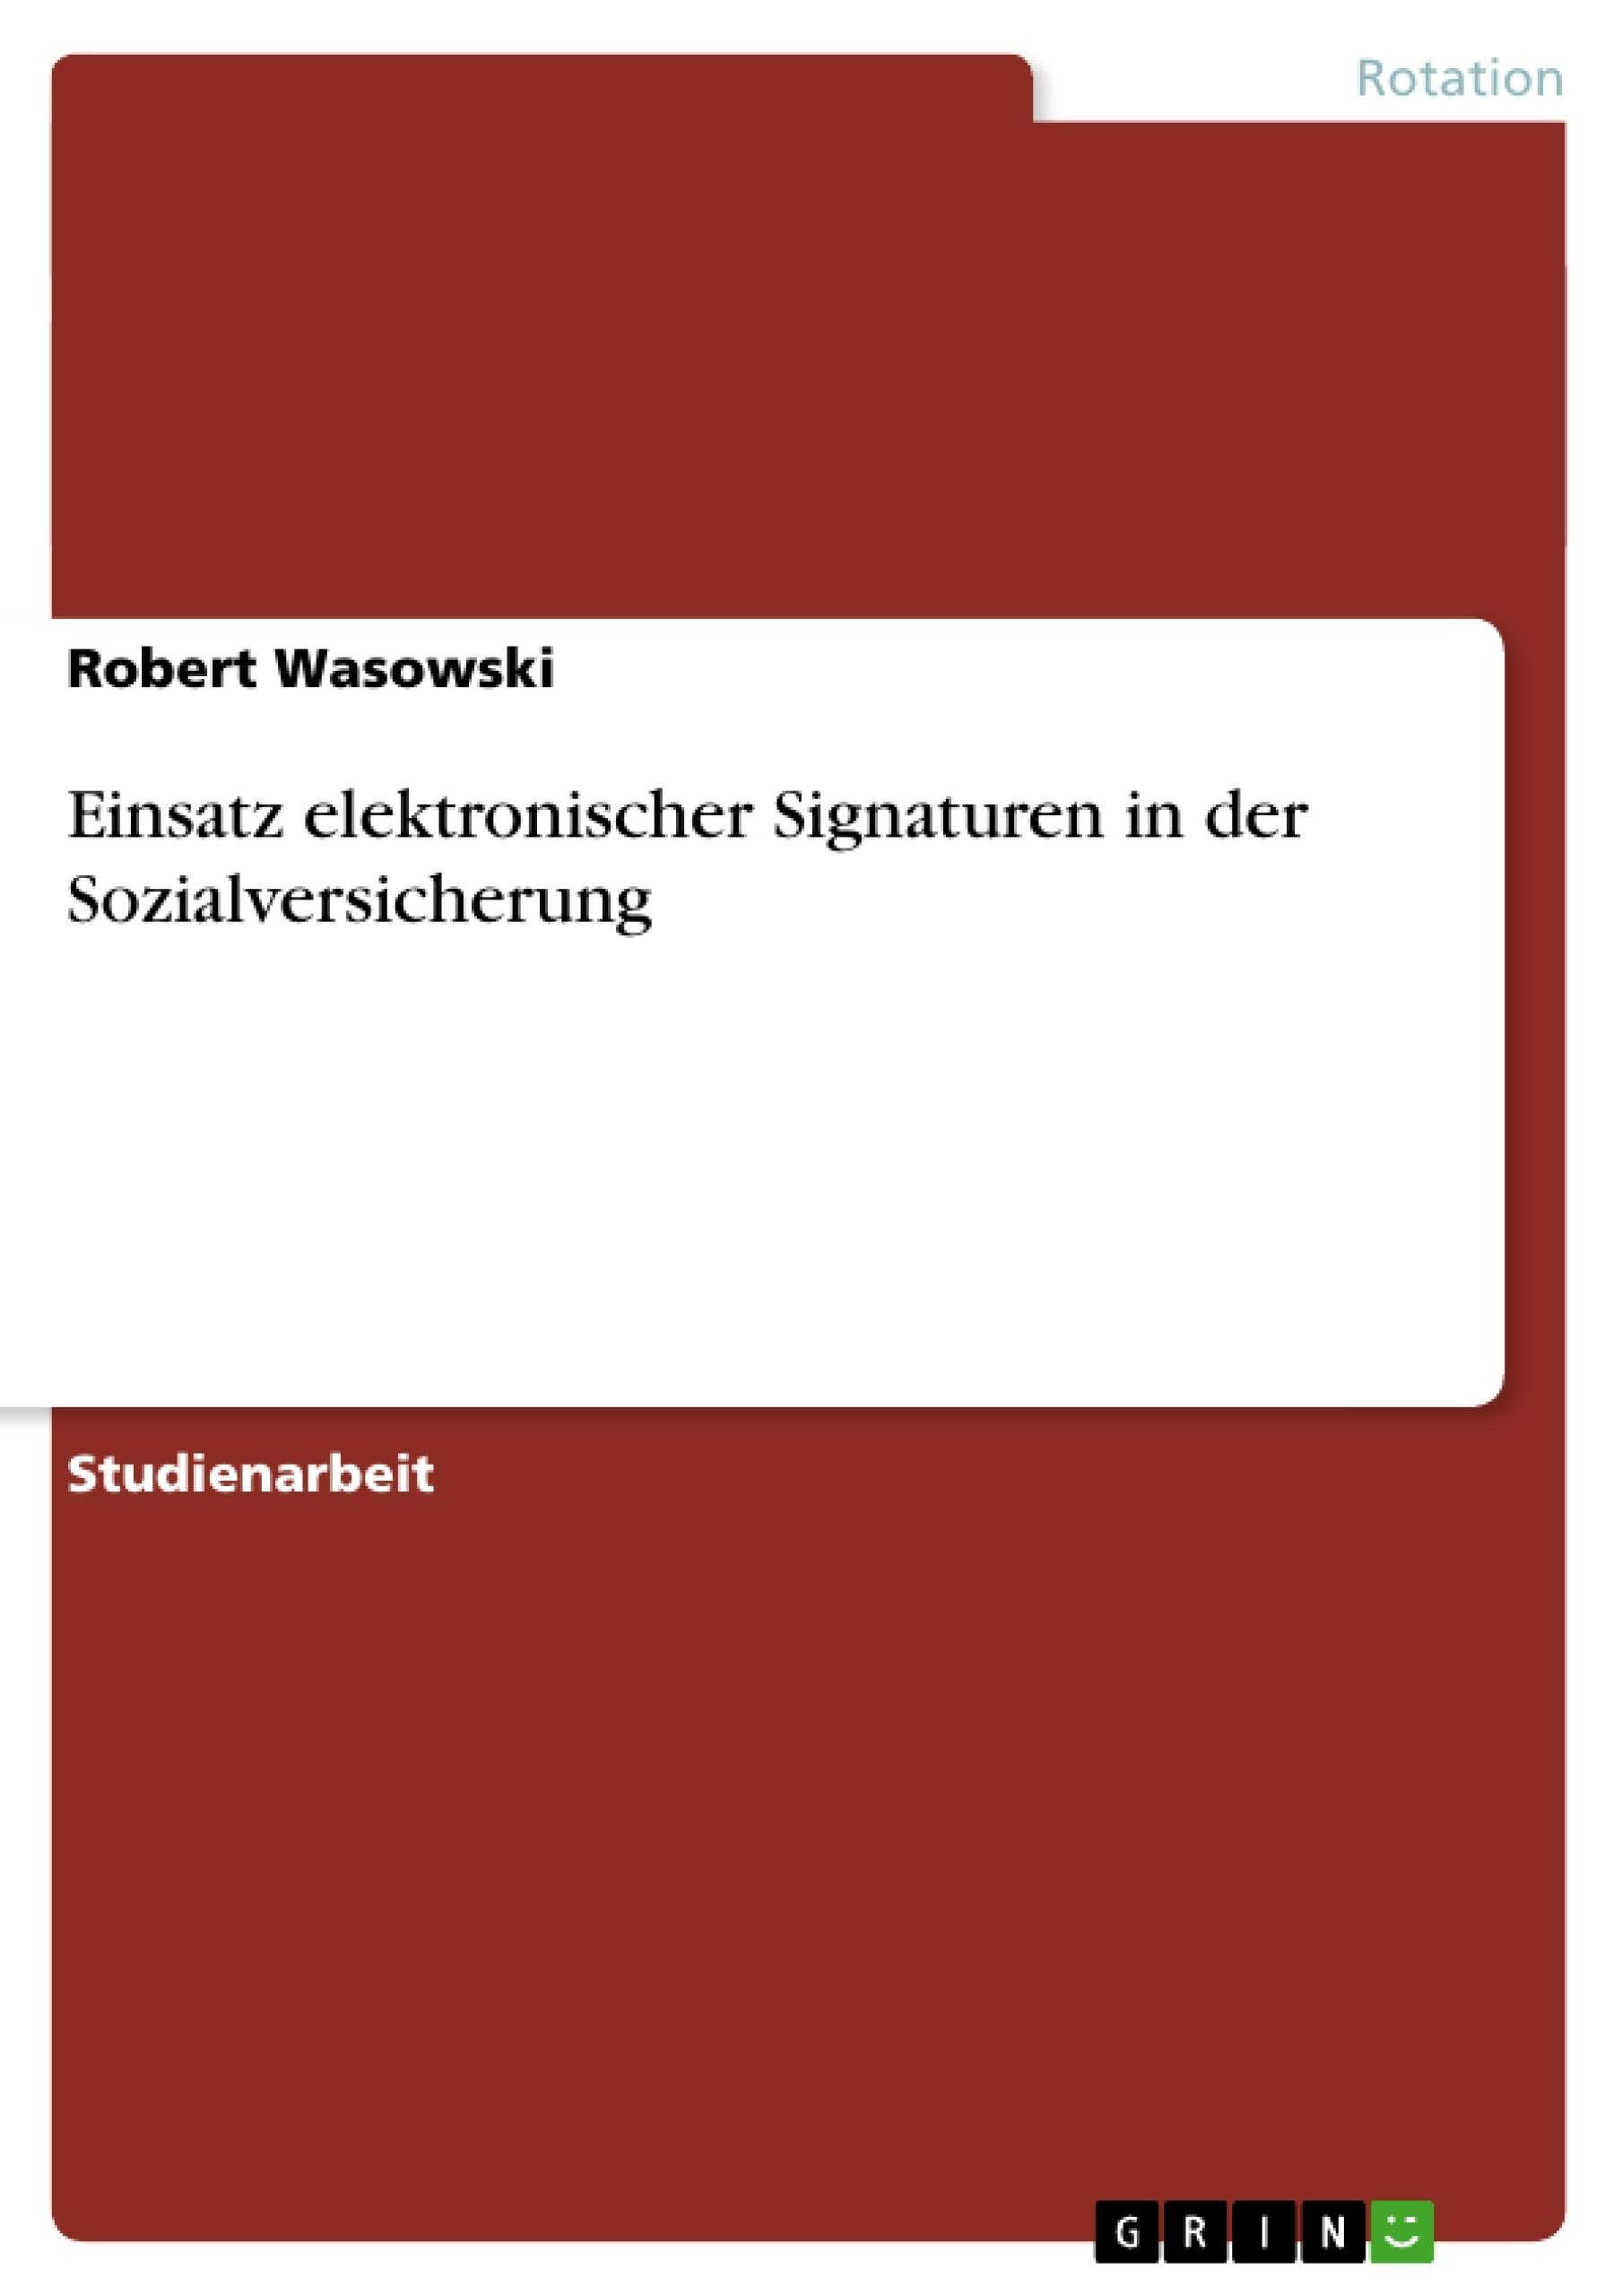 Titel: Einsatz elektronischer Signaturen in der Sozialversicherung